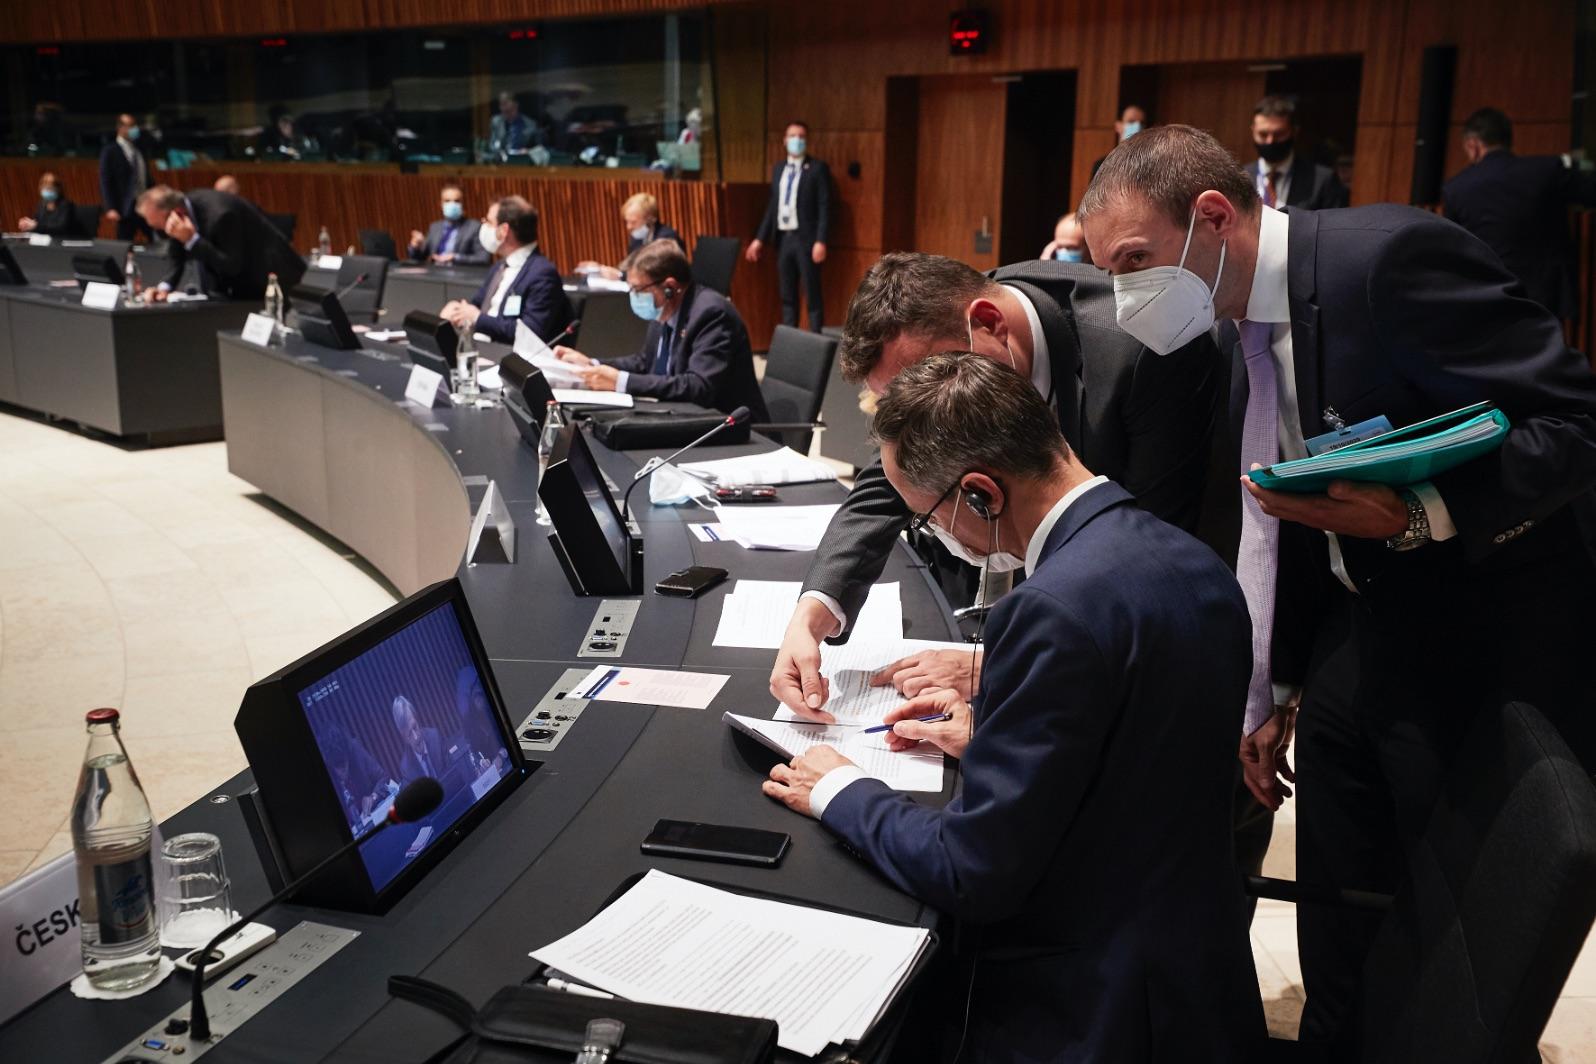 GLB wordt duurzamer: Ministers akkoord over inzet GLB-onderhandelingen